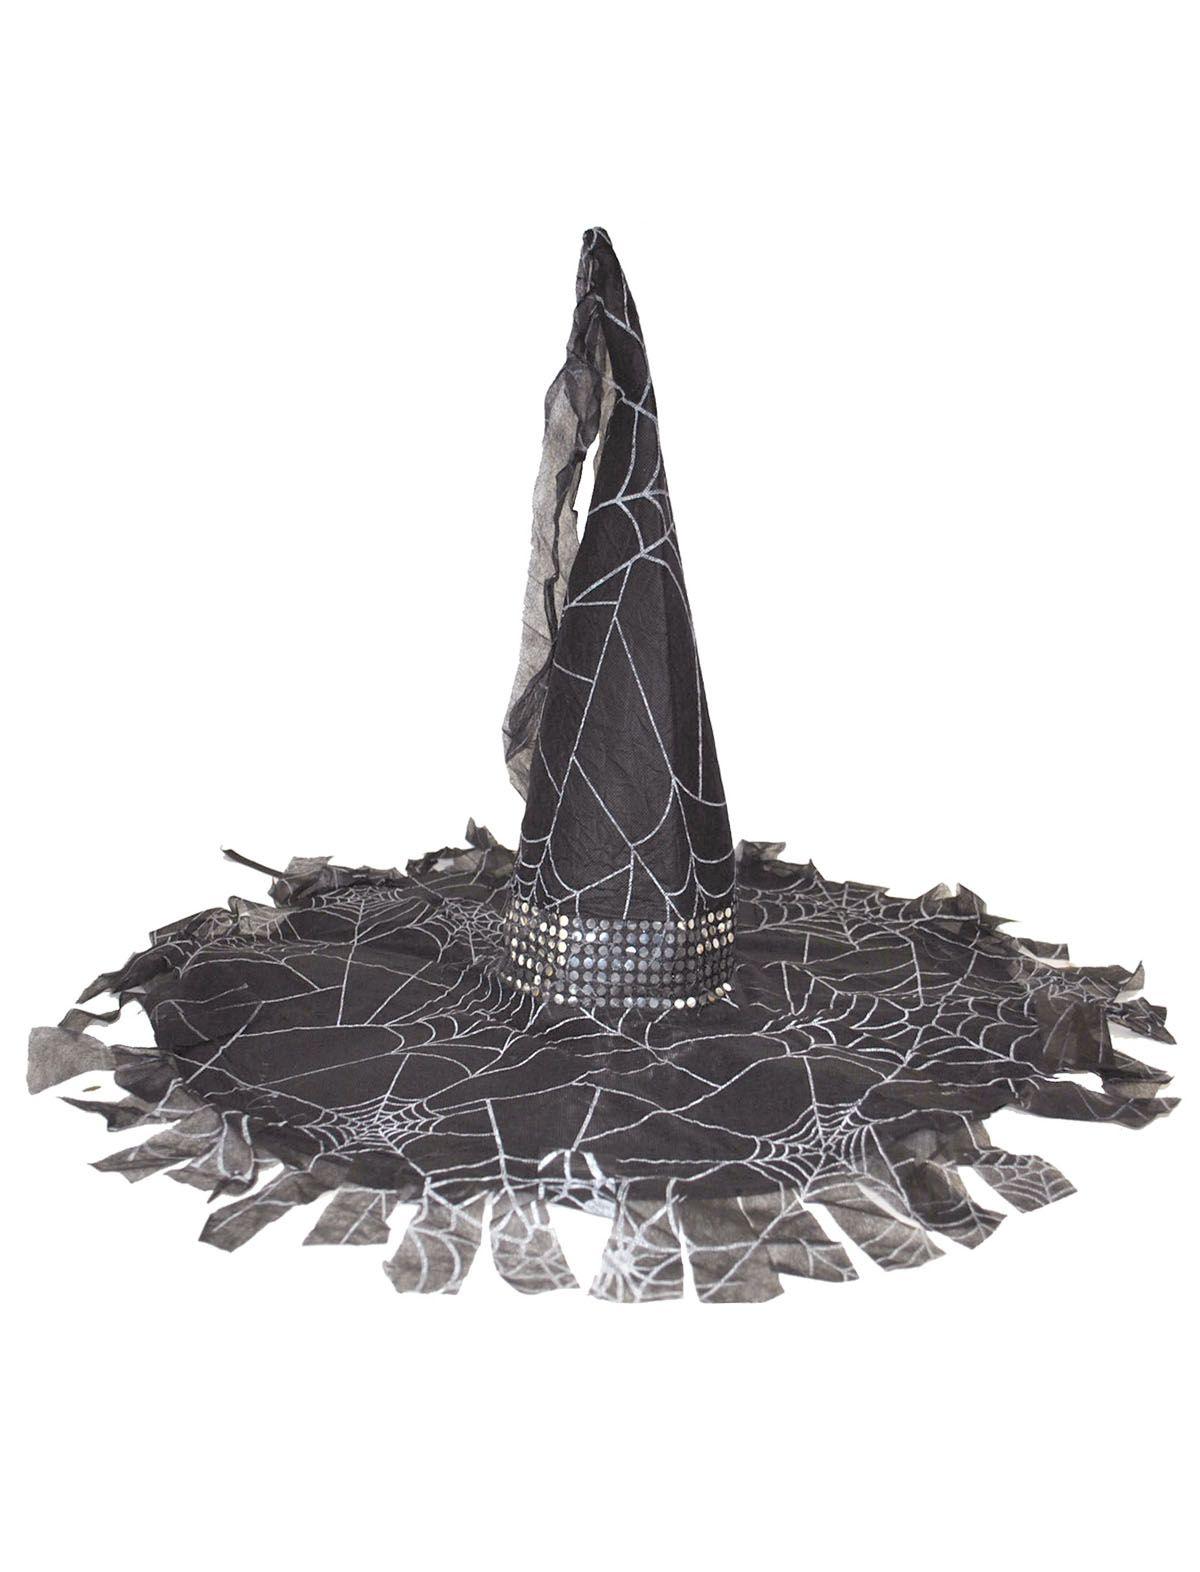 Hexenhut mit Fetzen und Spinnennetzen